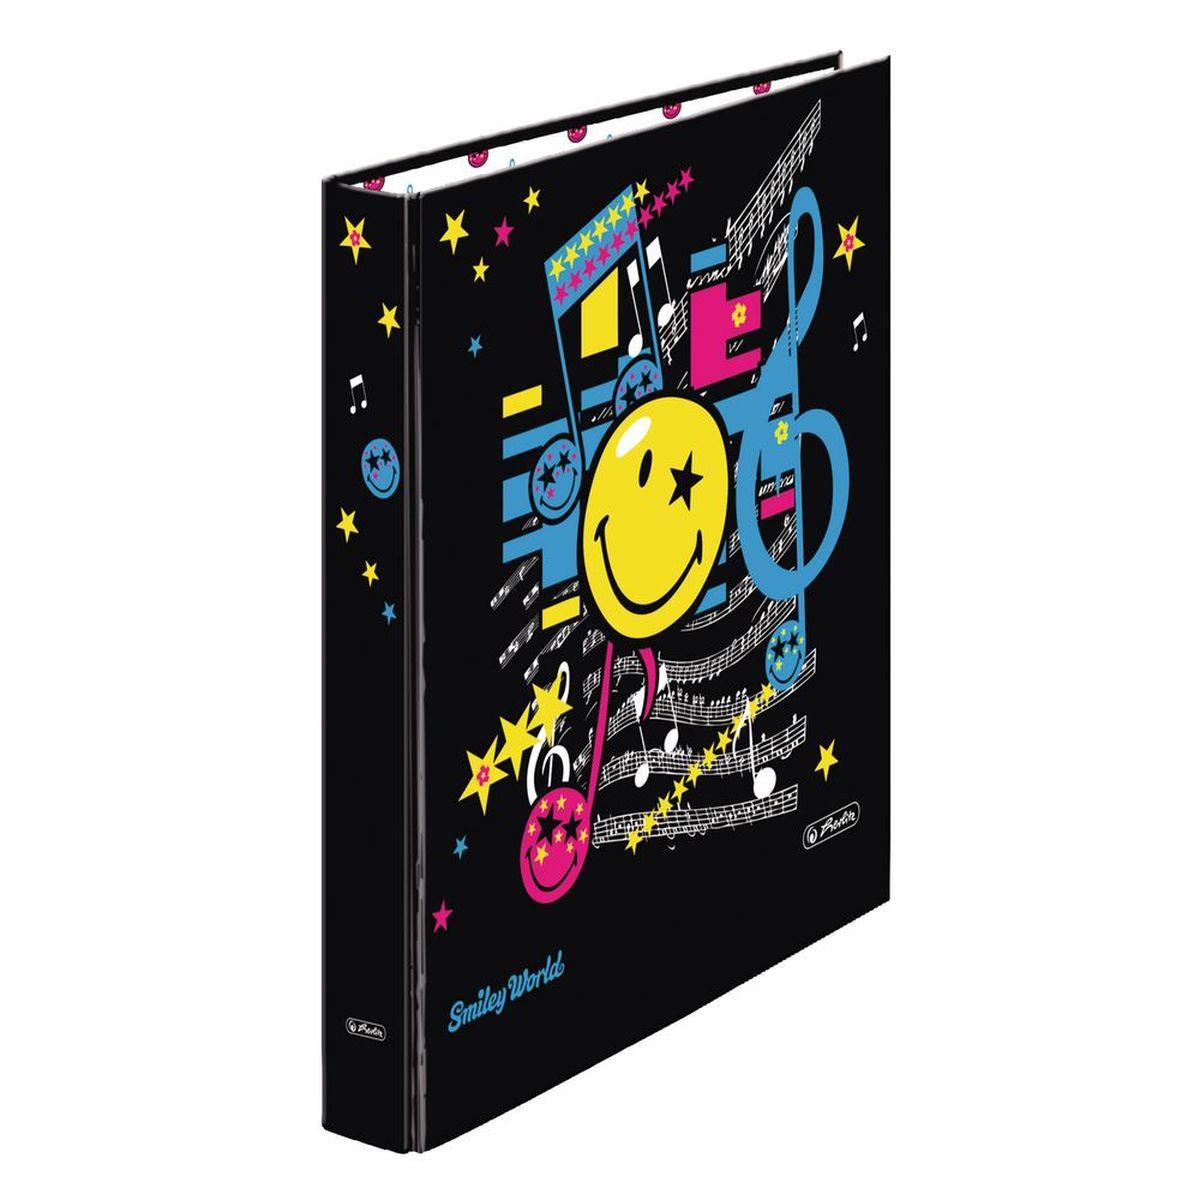 Herlitz Папка Smiley World Pop11368958Практичная папка Herlitz Smiley World Pop предназначена для хранения больших объемов документов. Ее обложка выполнена из ламинированного картона. Папка оснащена 2 кольцами для фиксации бумаг. Основа папки изготовлена из прочного FSC-сертифицированного картона. Папка-регистратор значительно облегчает делопроизводство. Яркий дизайн, дополненный веселым смайлом, позволит ей стать достойным аксессуаром среди ваших канцелярских принадлежностей и дарить хорошее настроение.